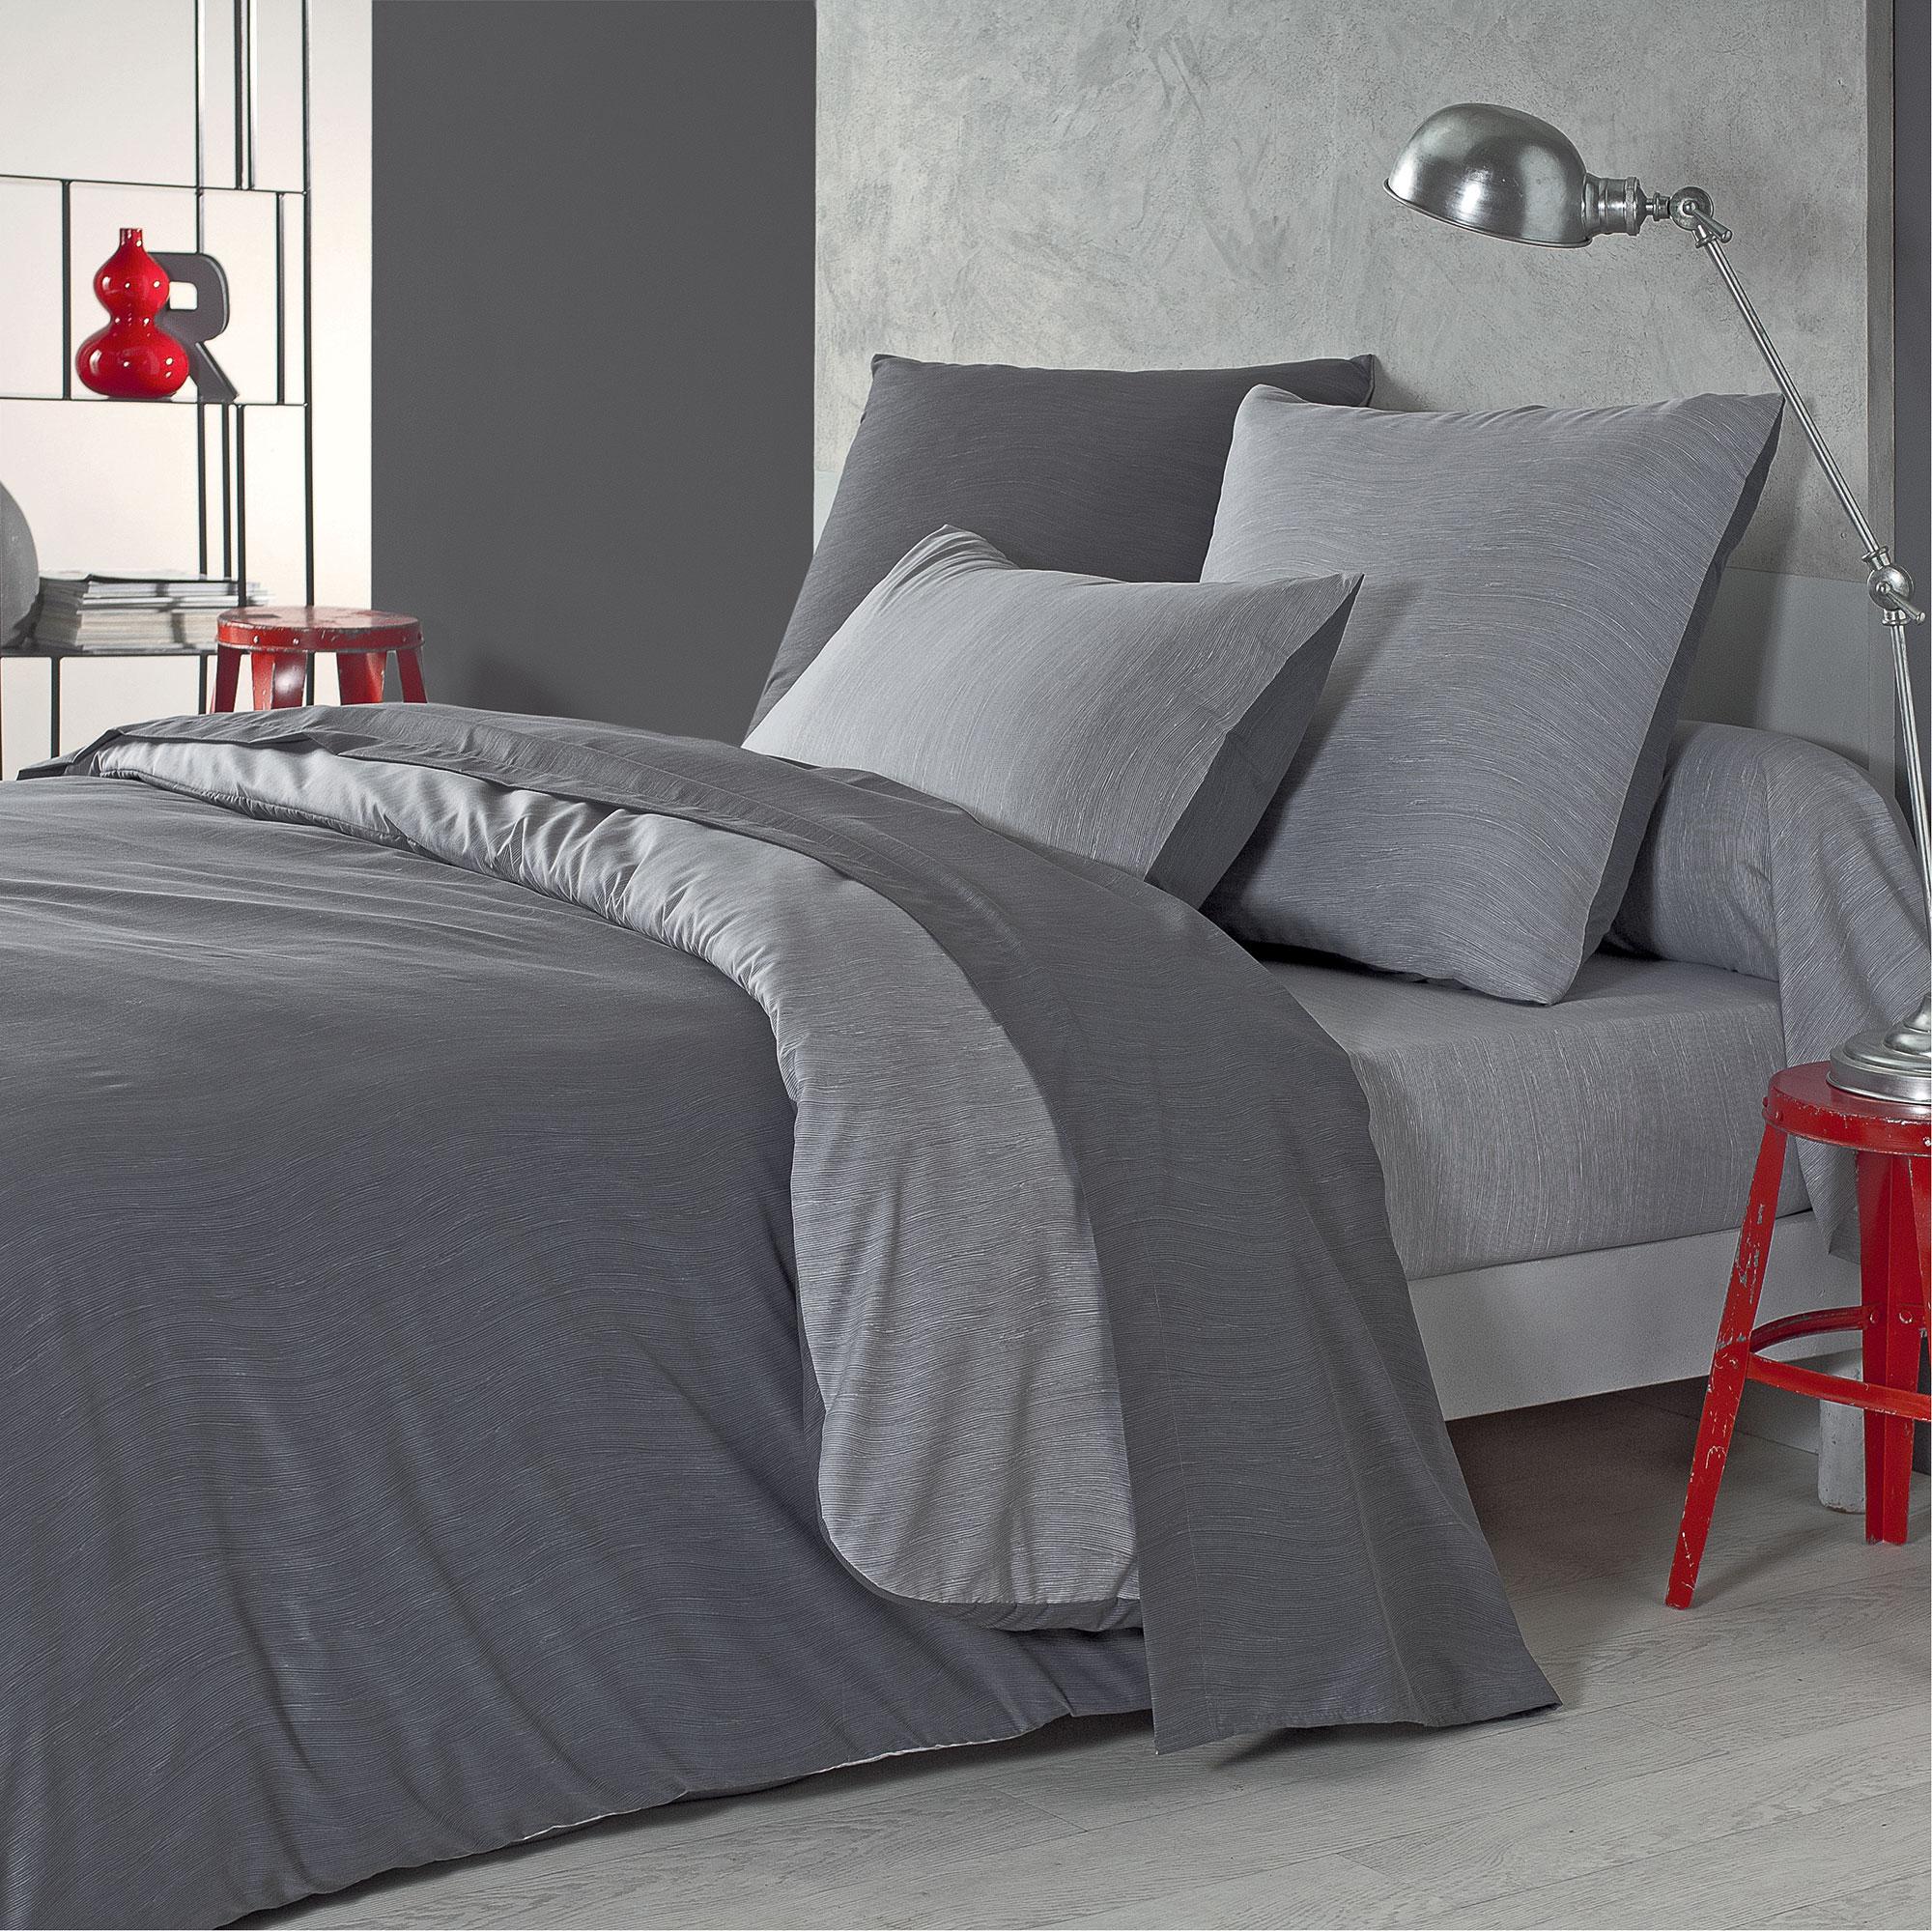 Housse de couette bicolore en polyester gris 200x200